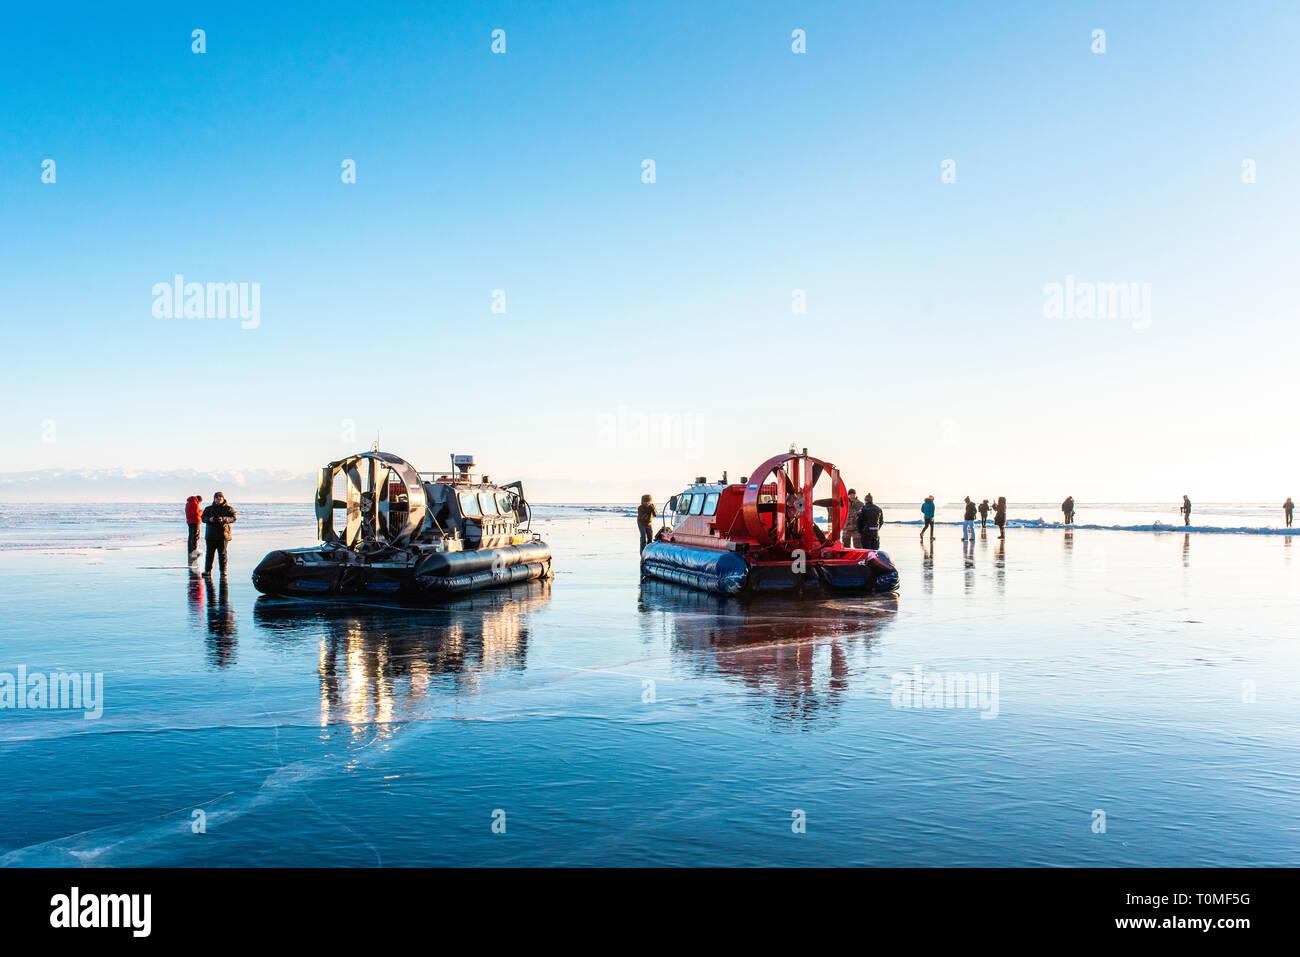 Coussin d'air des bateaux sur le Lac Baïkal gelé, Sibérie, Russie Banque D'Images